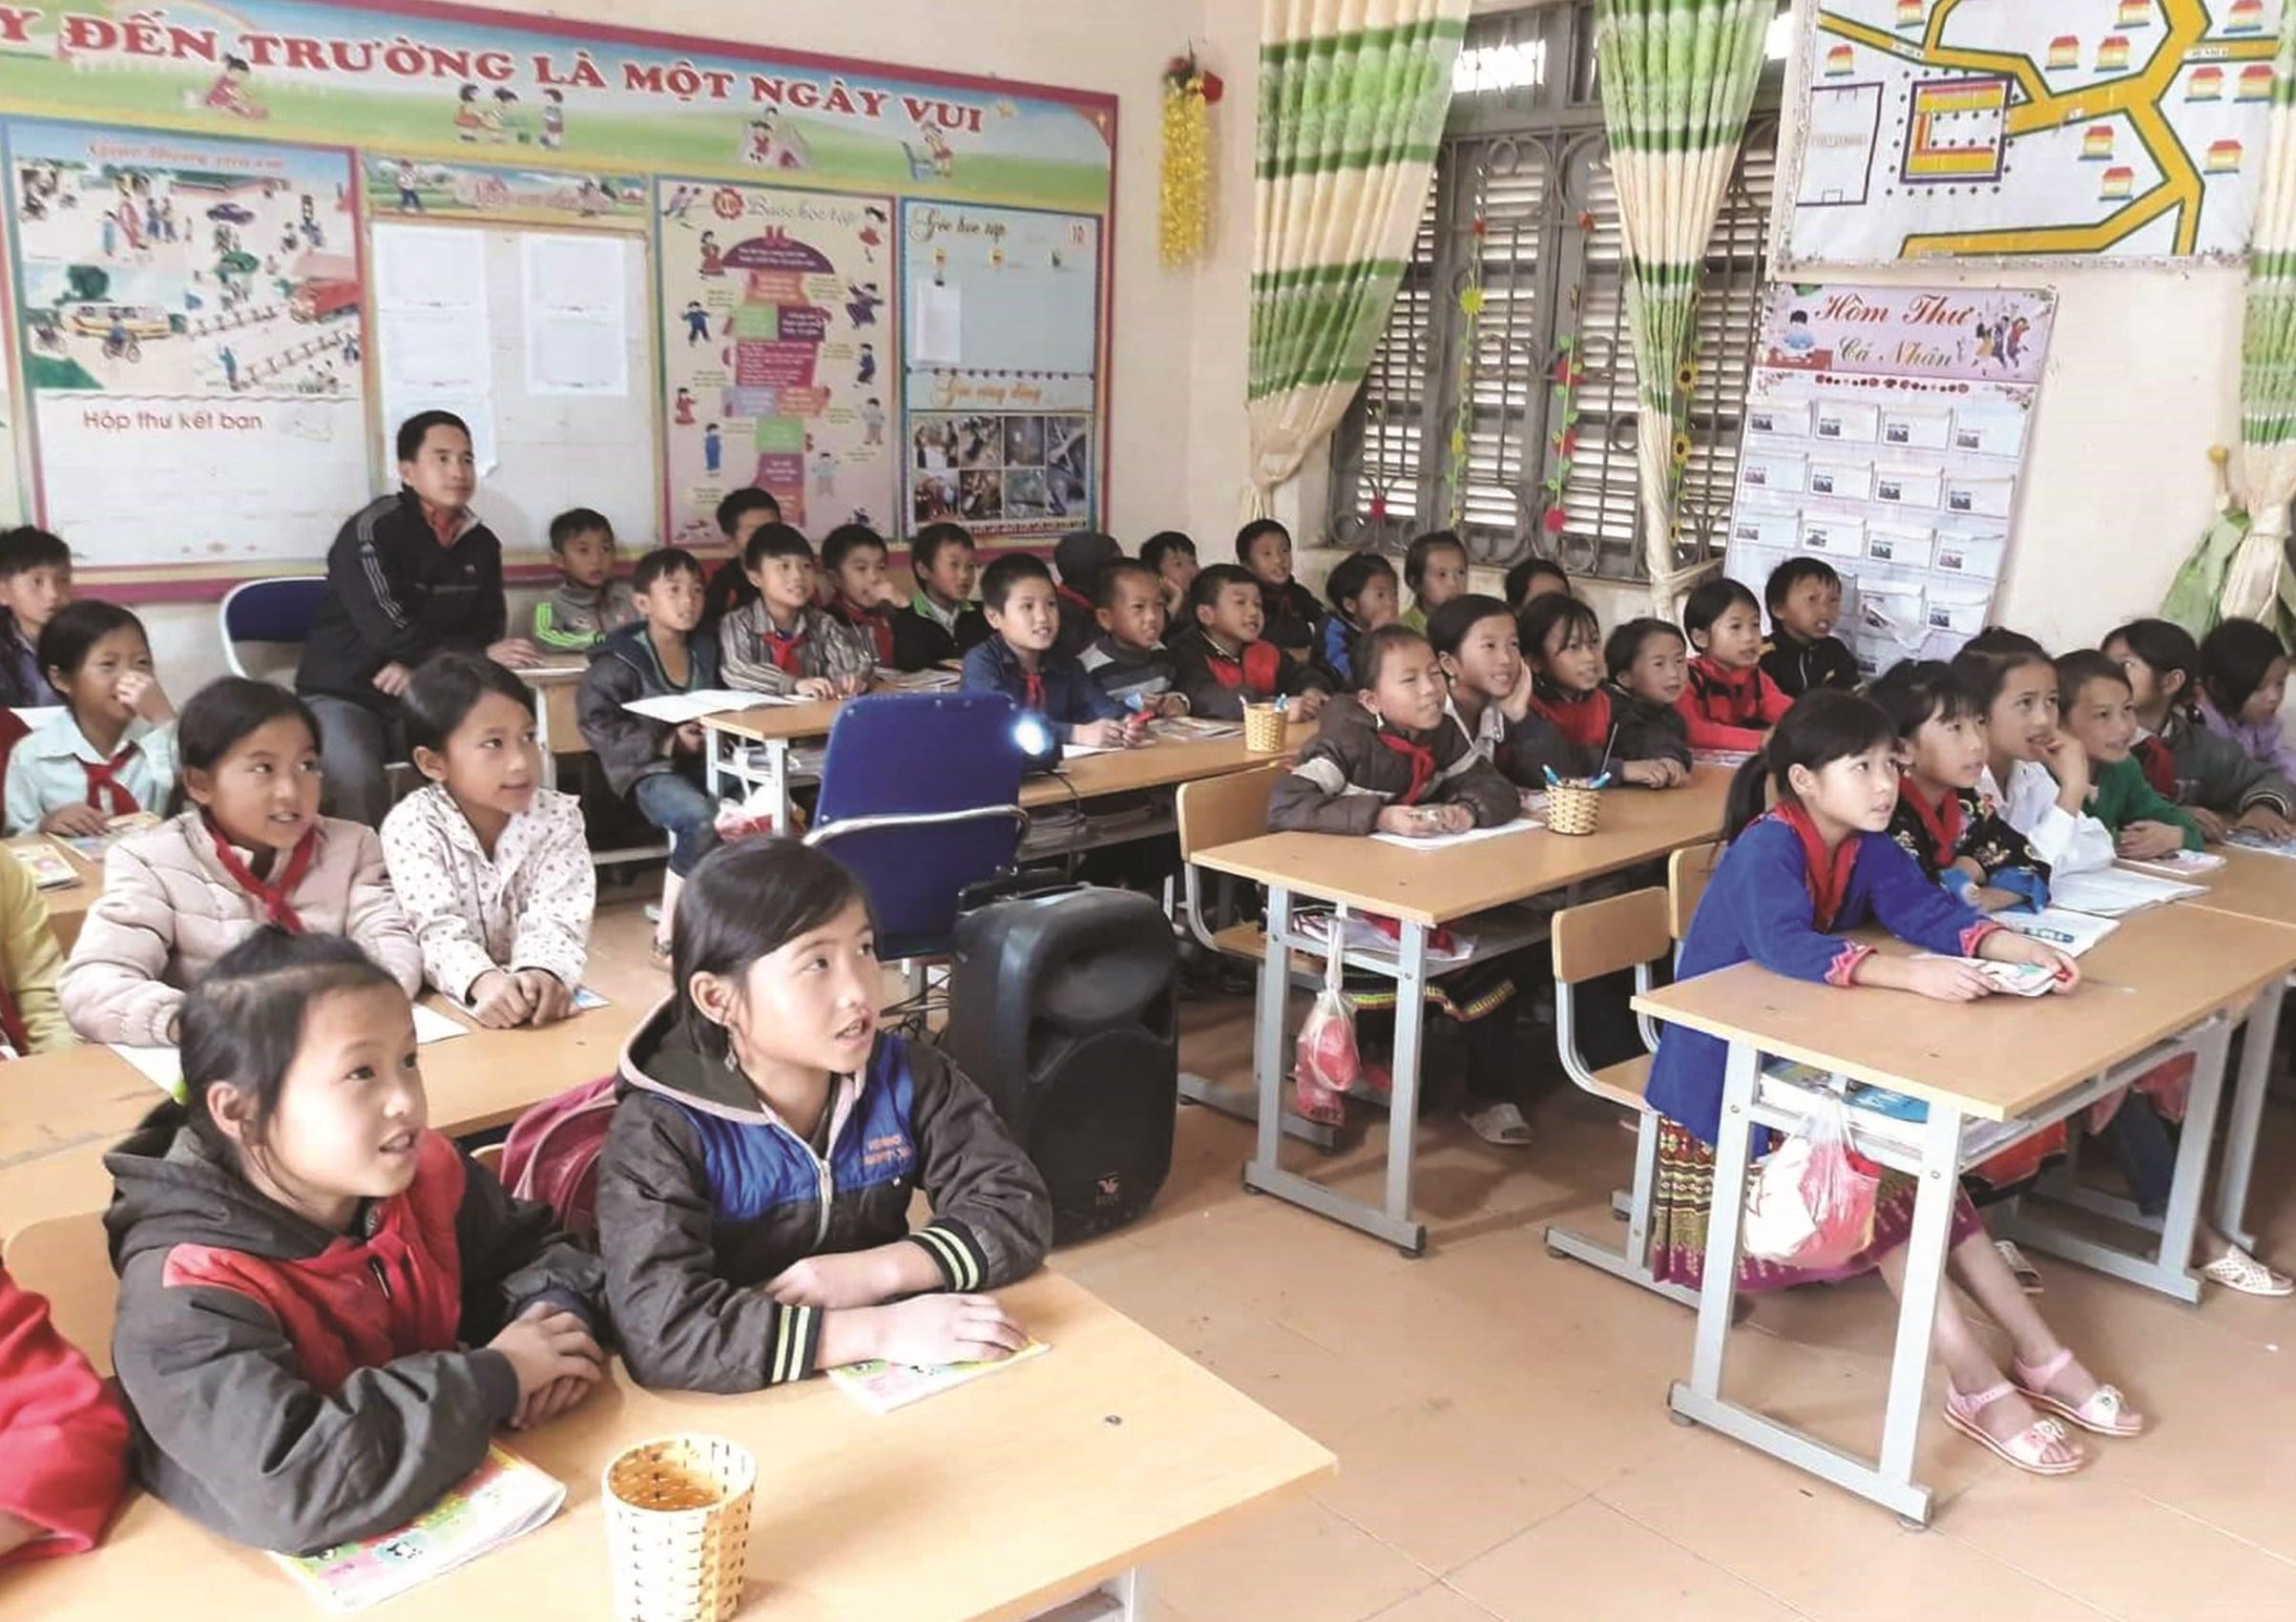 Tiết học âm nhạc được lồng ghép tiếng Mông ở Trường Tiểu học Pu Nhi